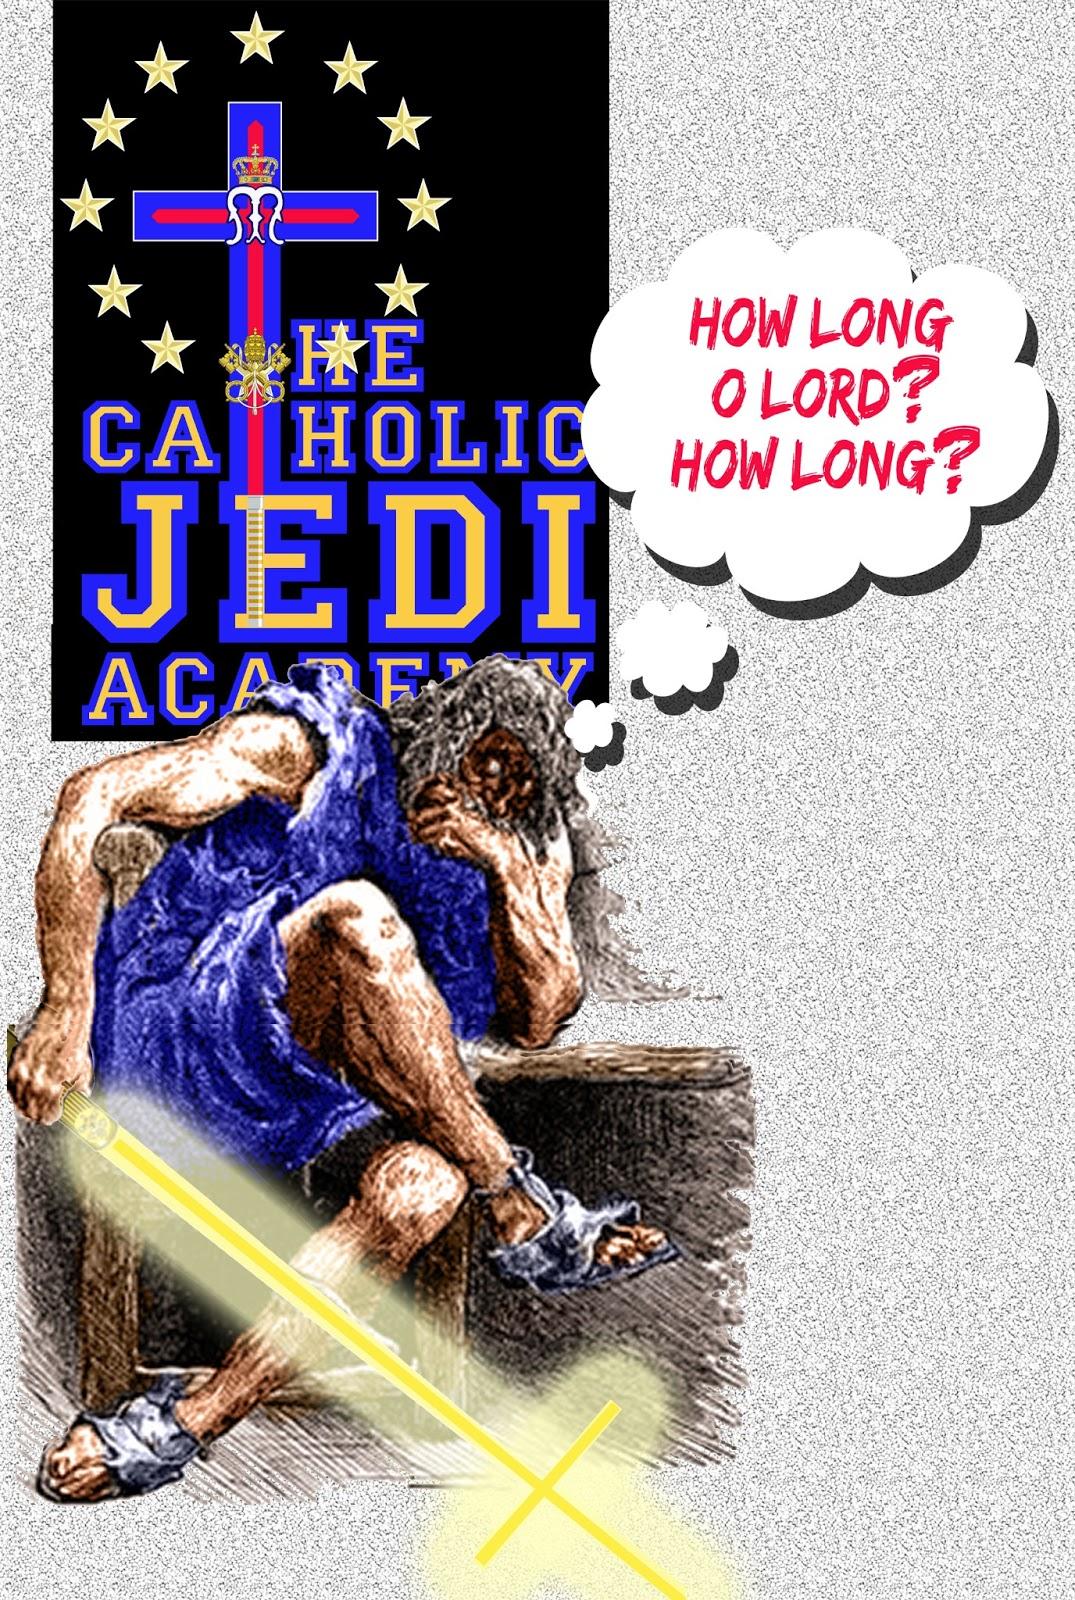 Jedi Knights - New School Science